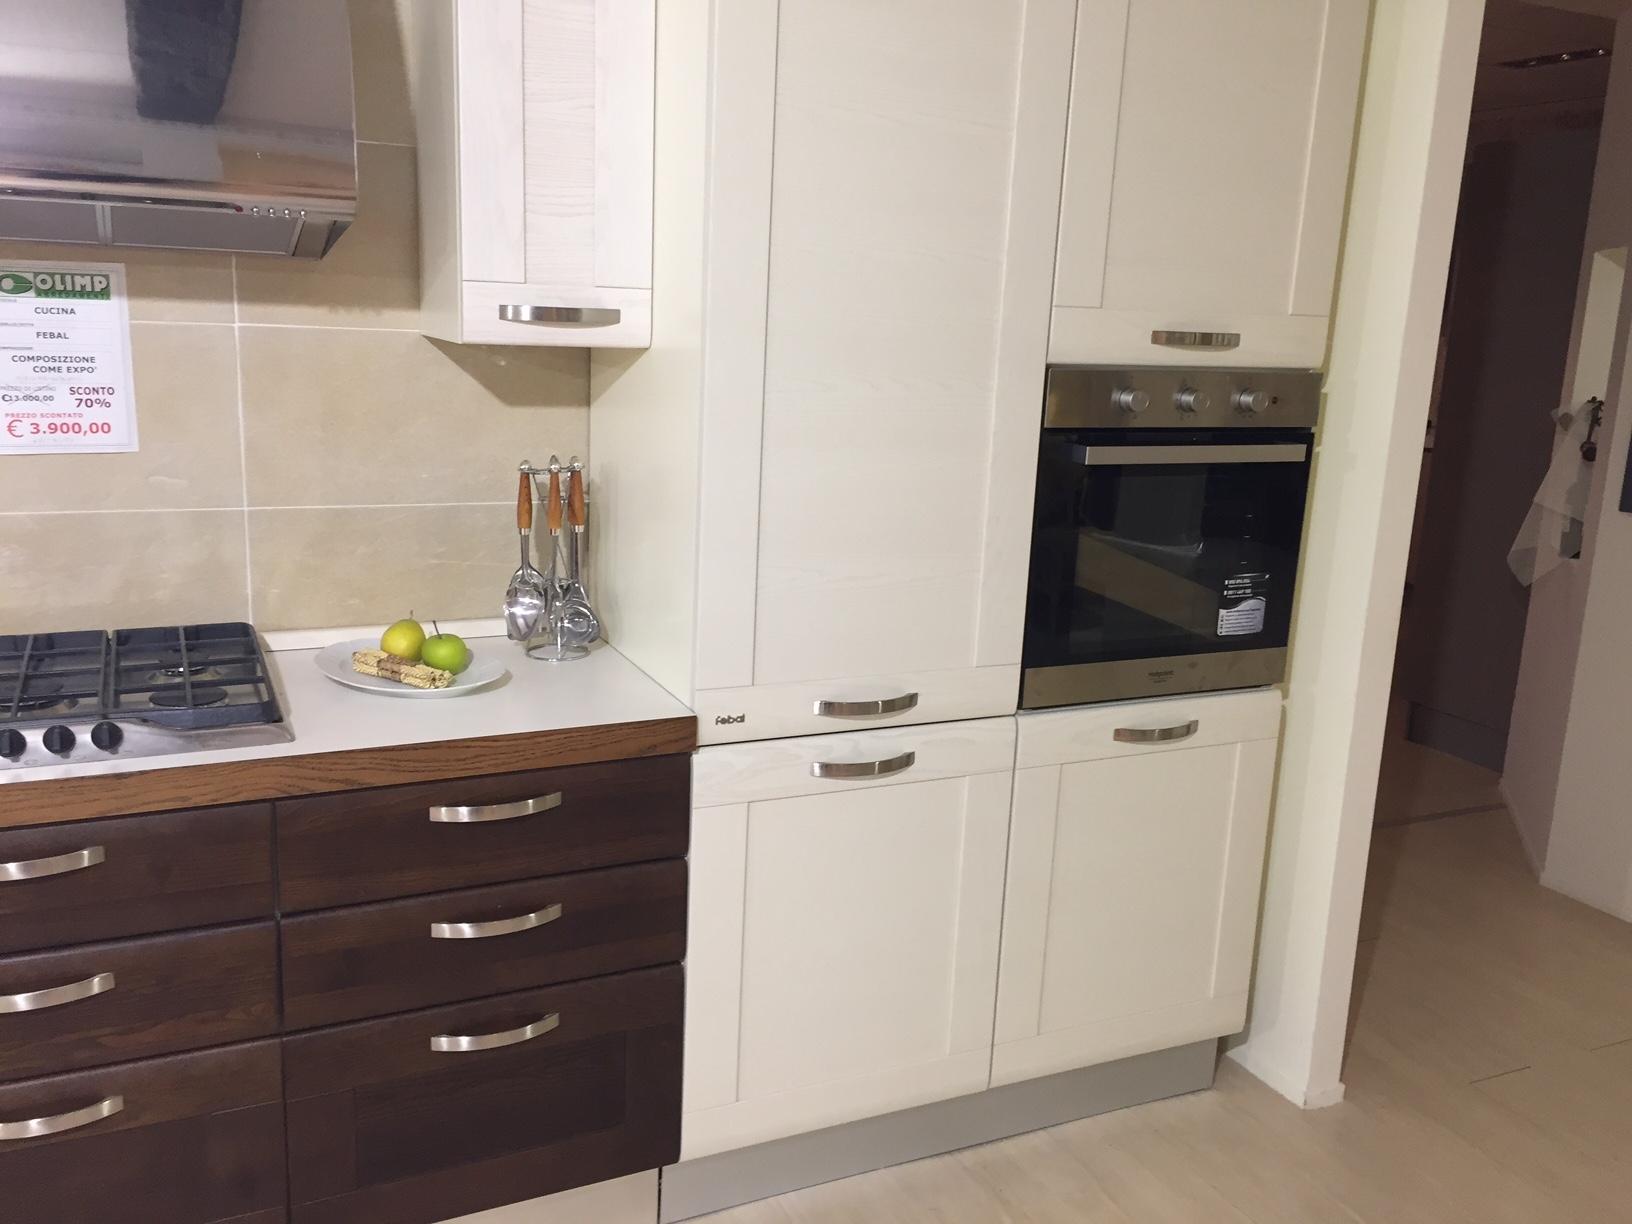 Febal cucina kelly moderne legno magnolia cucine a - Febal cucine prezzi ...